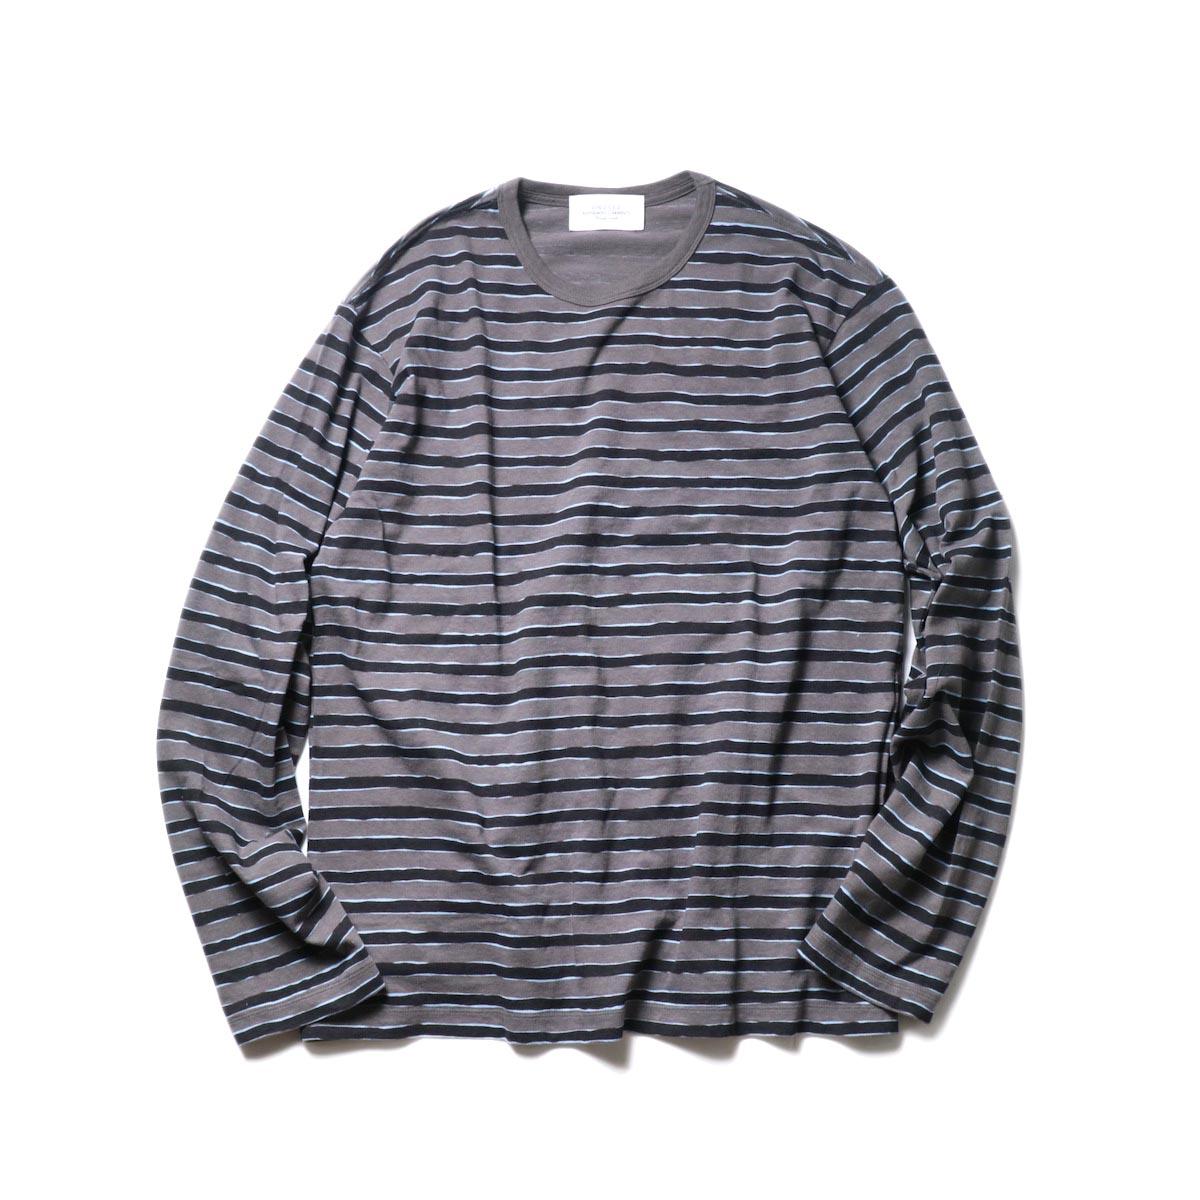 UNUSED / US2019 Border L/S Tee (Charcoal × Black)